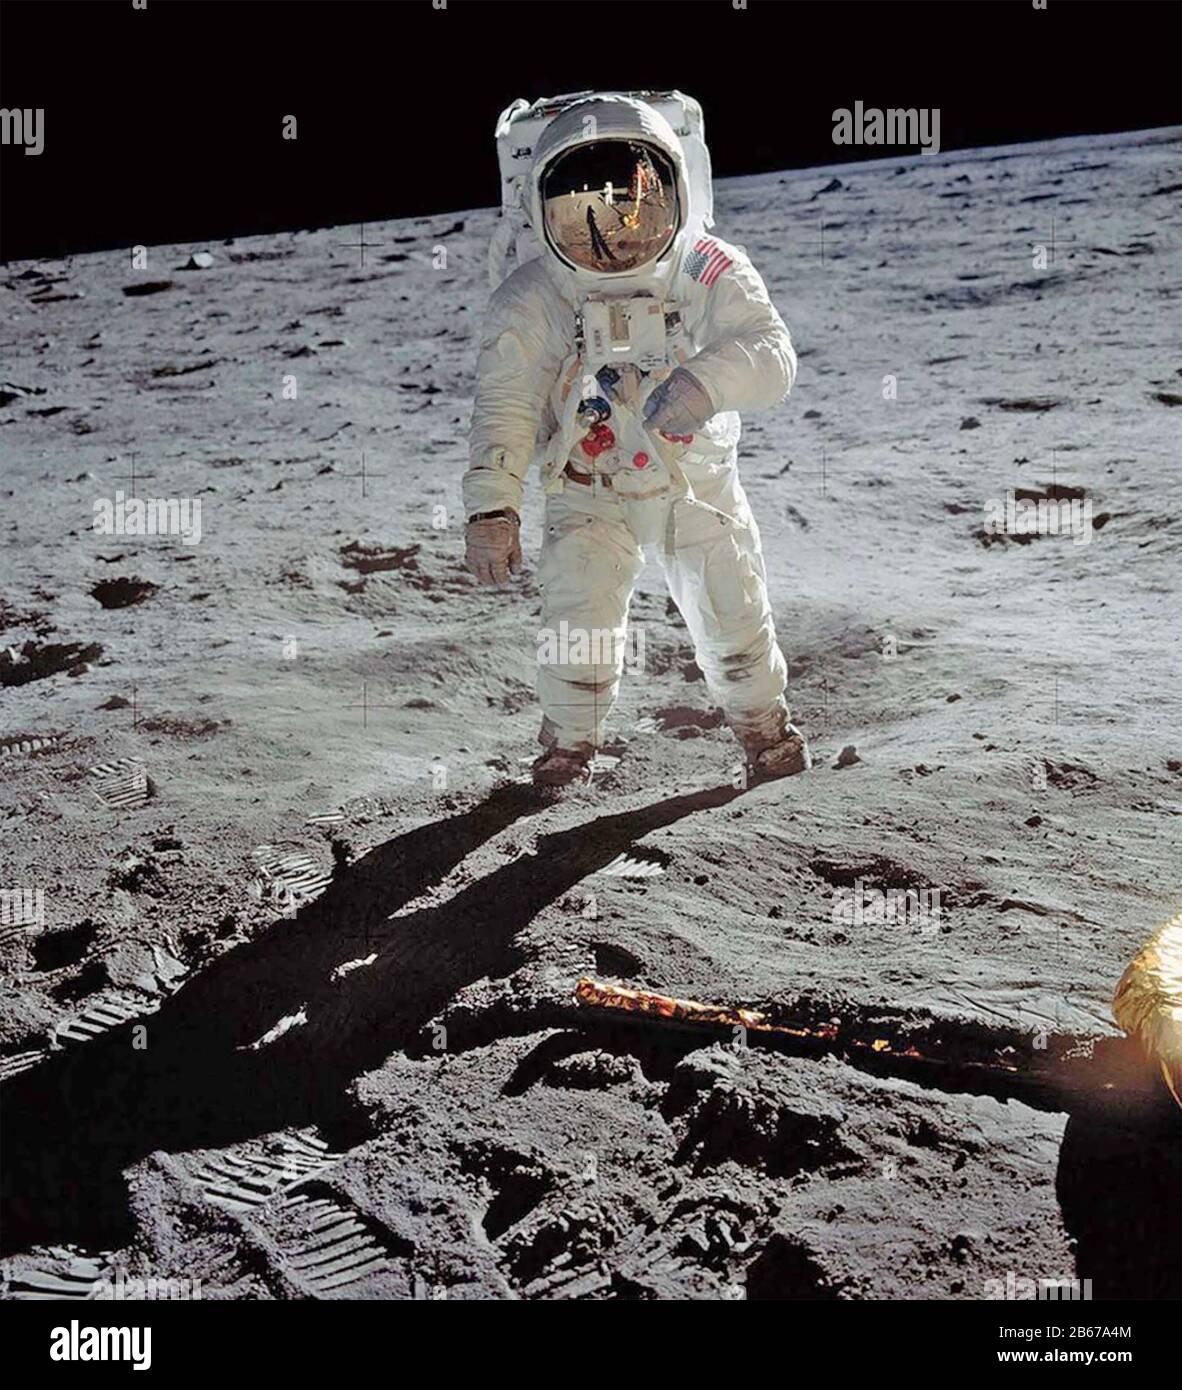 Buzz ALDRIN amerikanischer Astronaut Im Meer Der Ruhe des Mondes, 20. Juli 1969, fotografiert von Neil Armstrong, der sich im Helm von Aldrin widerspiegelt. Foto: NASA. Stockfoto